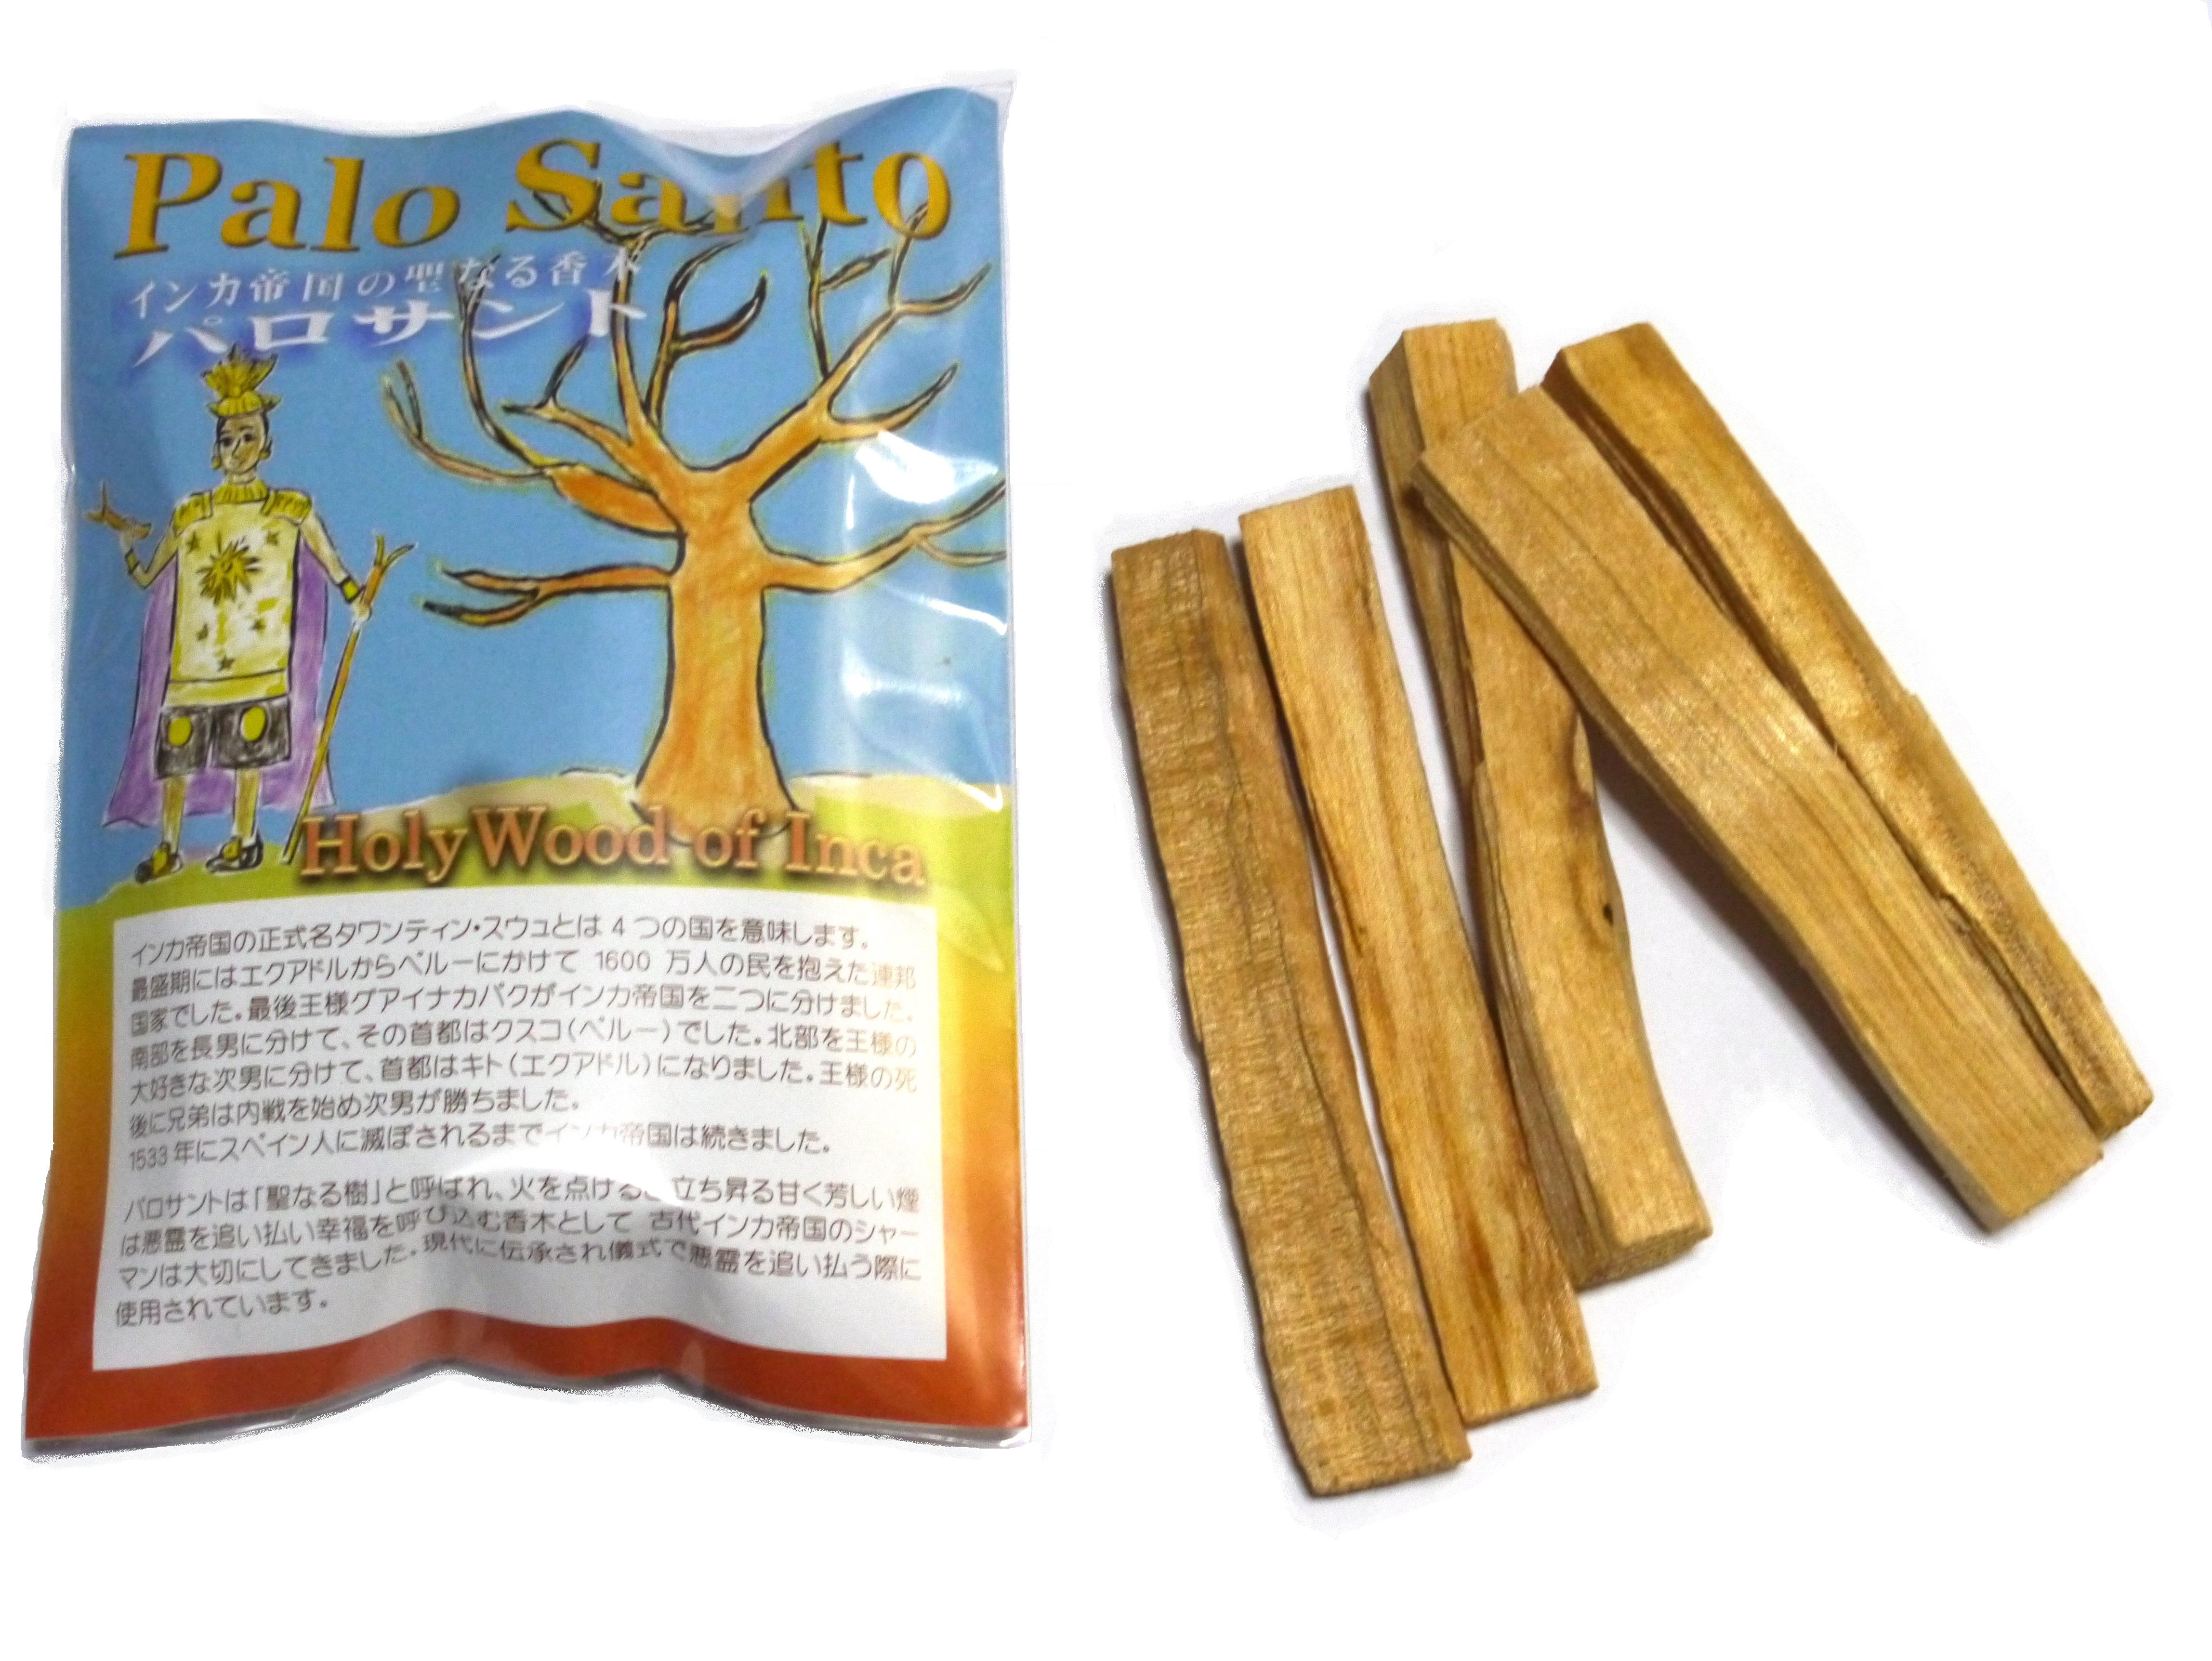 パロサント5本入り【香木】50パック卸